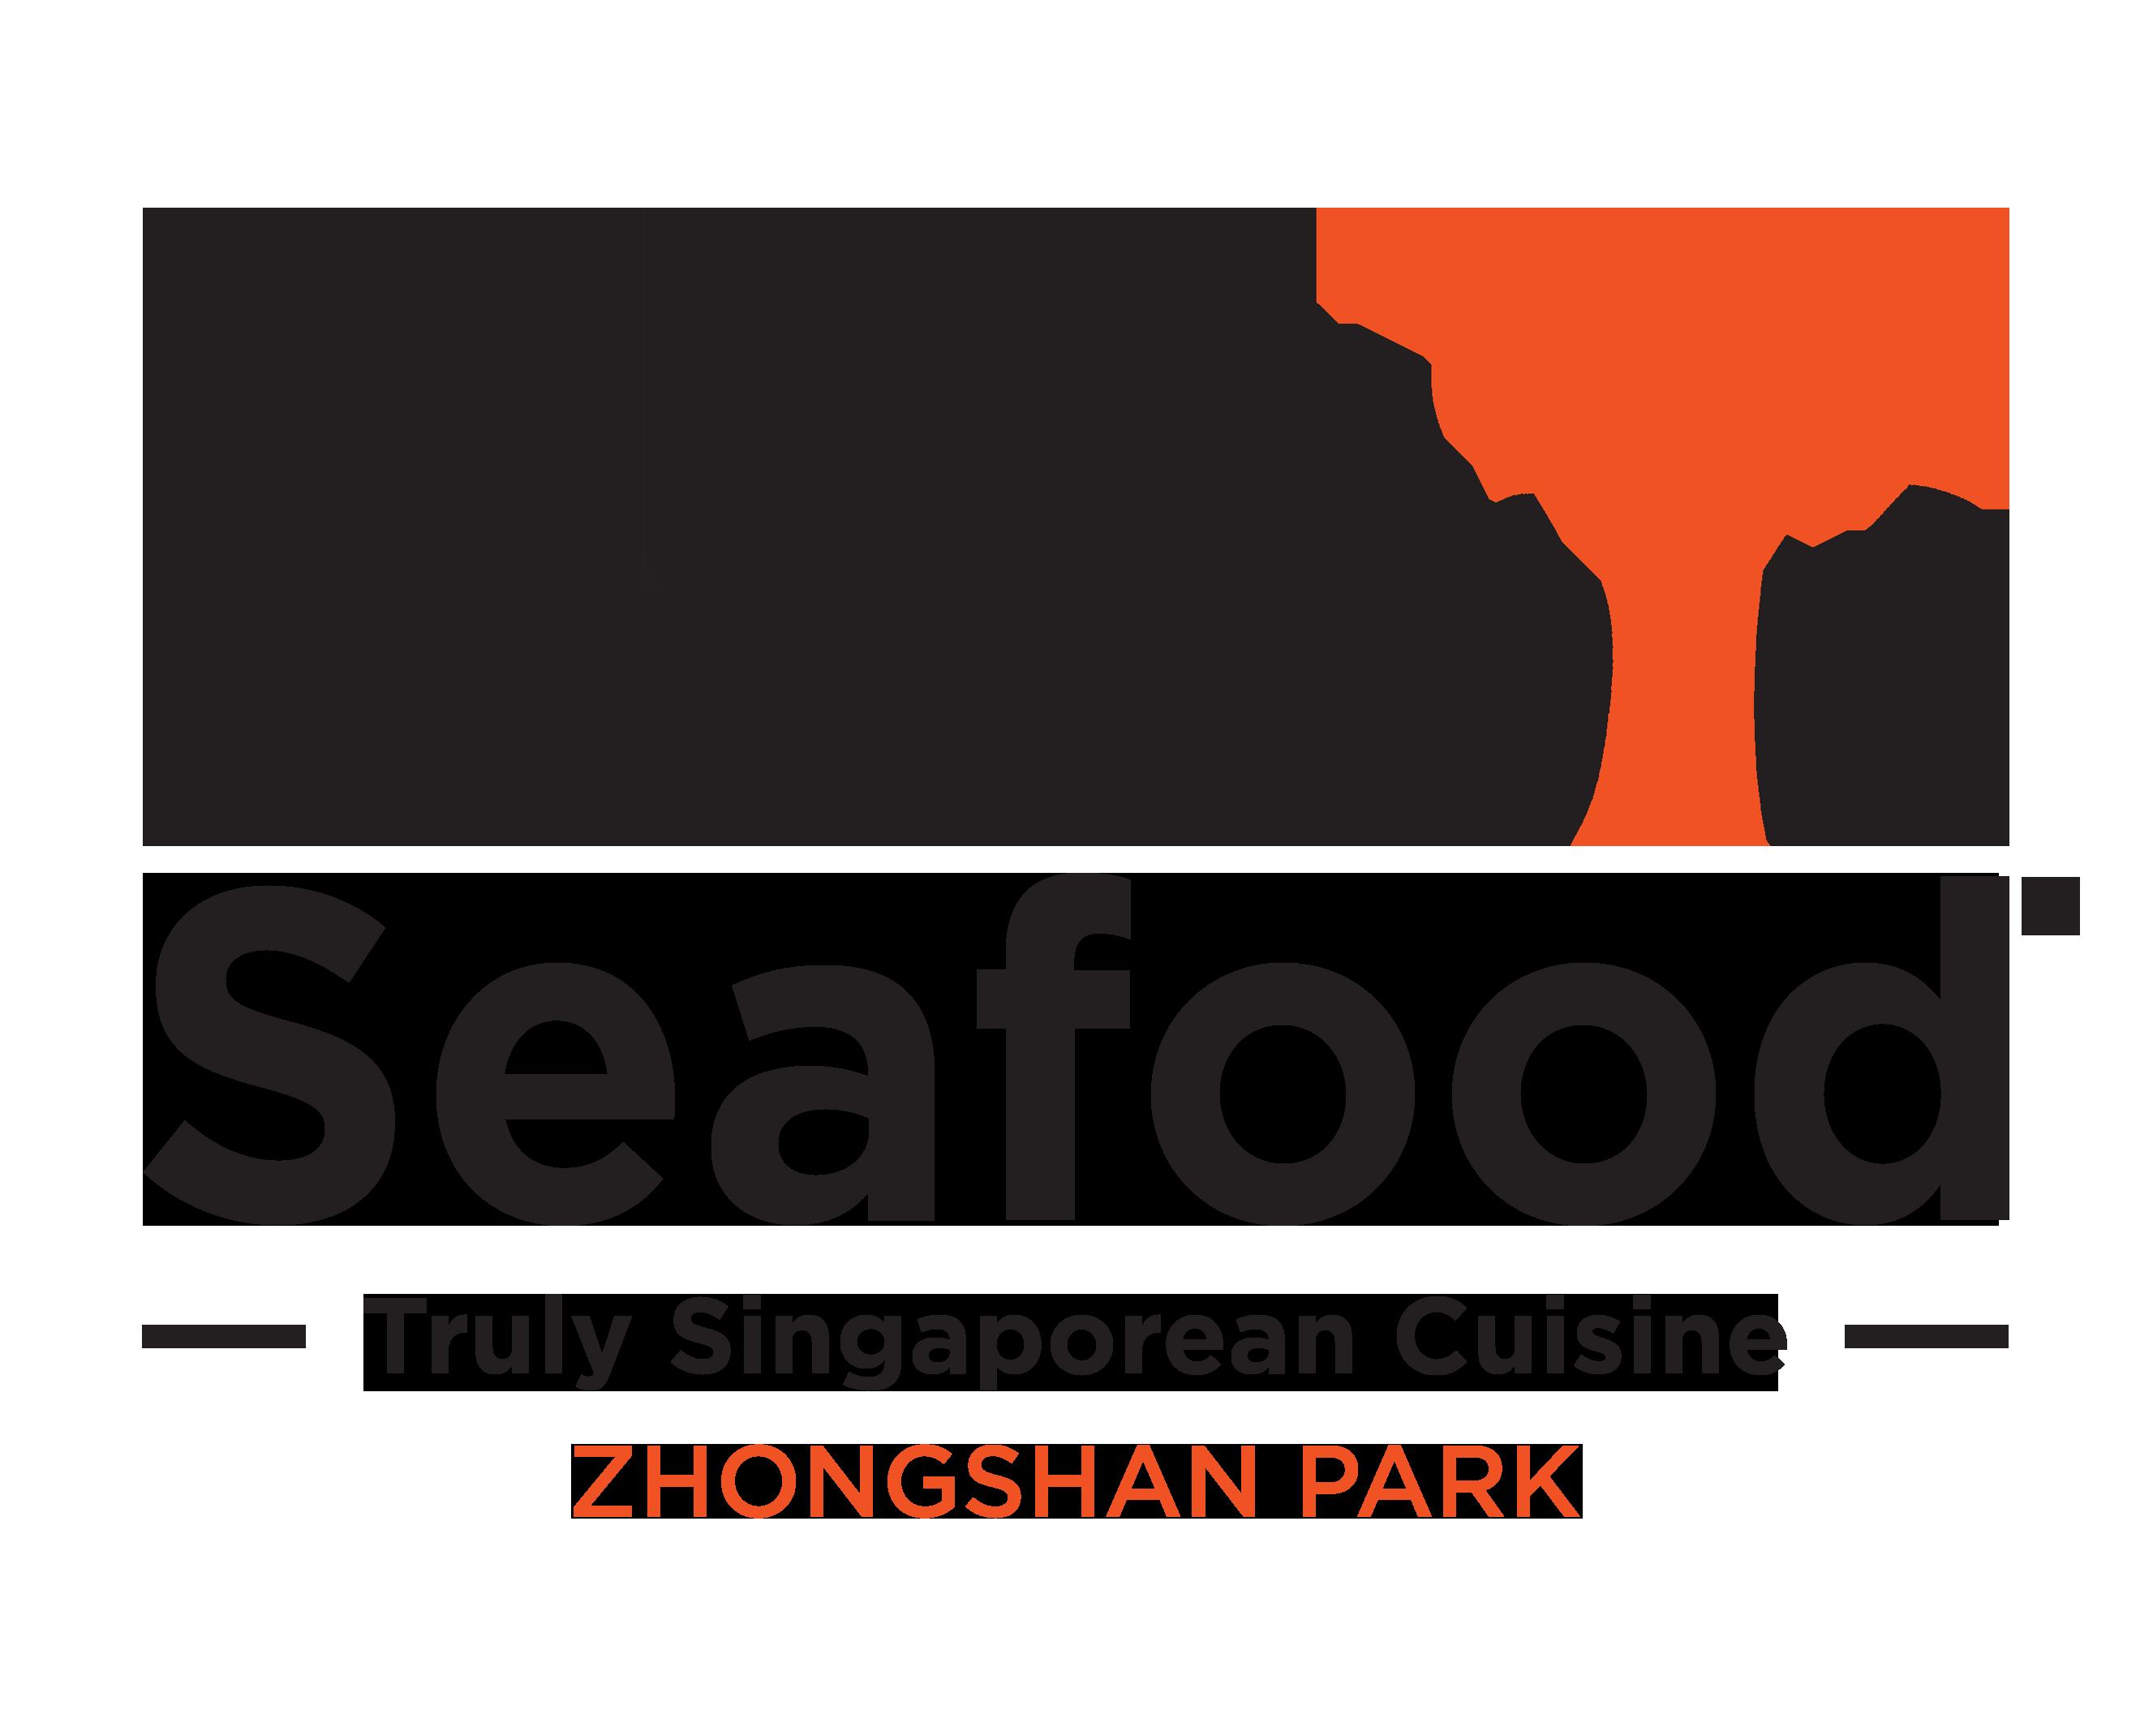 New Ubin Zhongshan Park